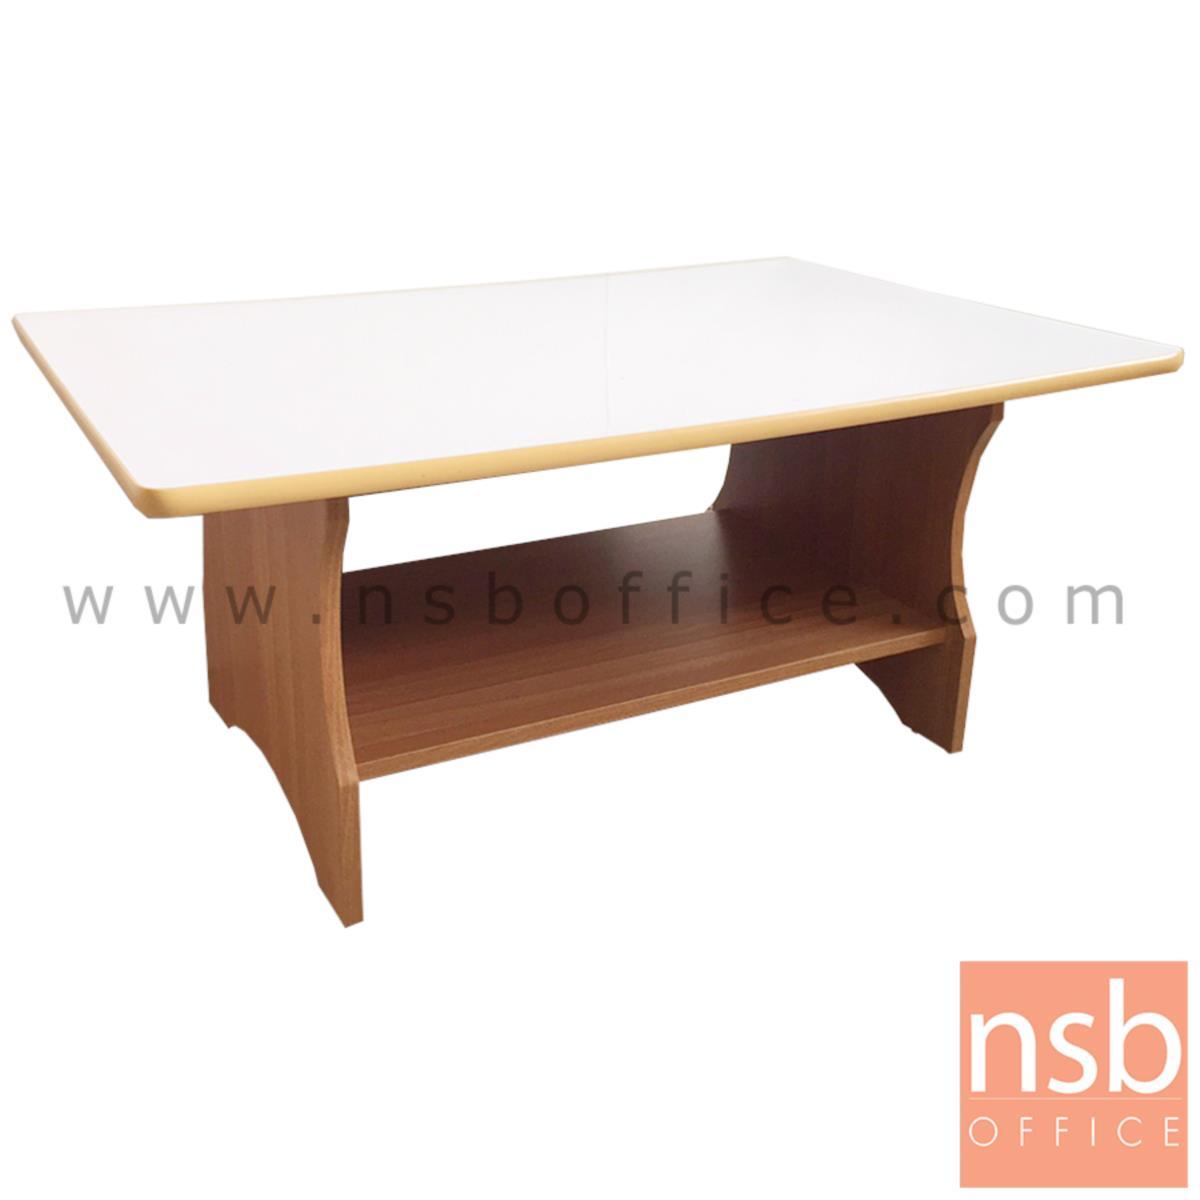 L10A028:โต๊ะกลางปิดผิวพีวีซี สีบีช   ขนาด 91W*41H cm. โฟเมก้าขาว